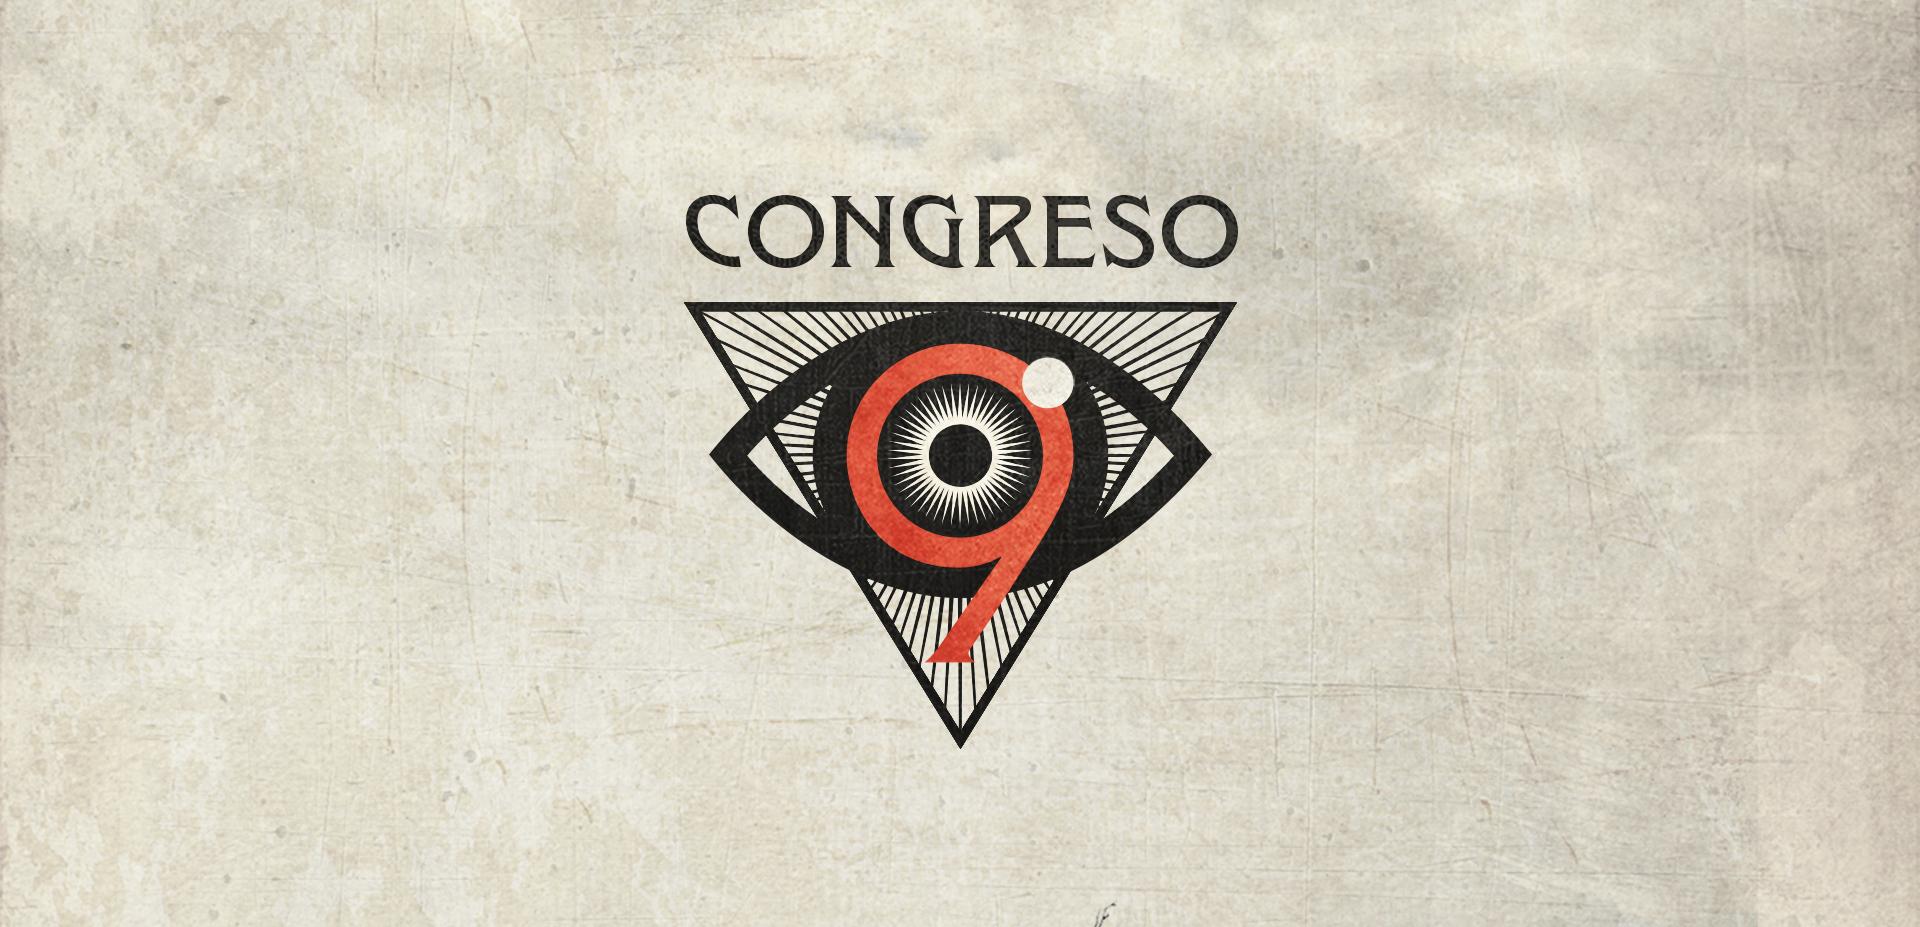 Besarilia - IX Congreso sobre arte, literatura y cultura alternativa